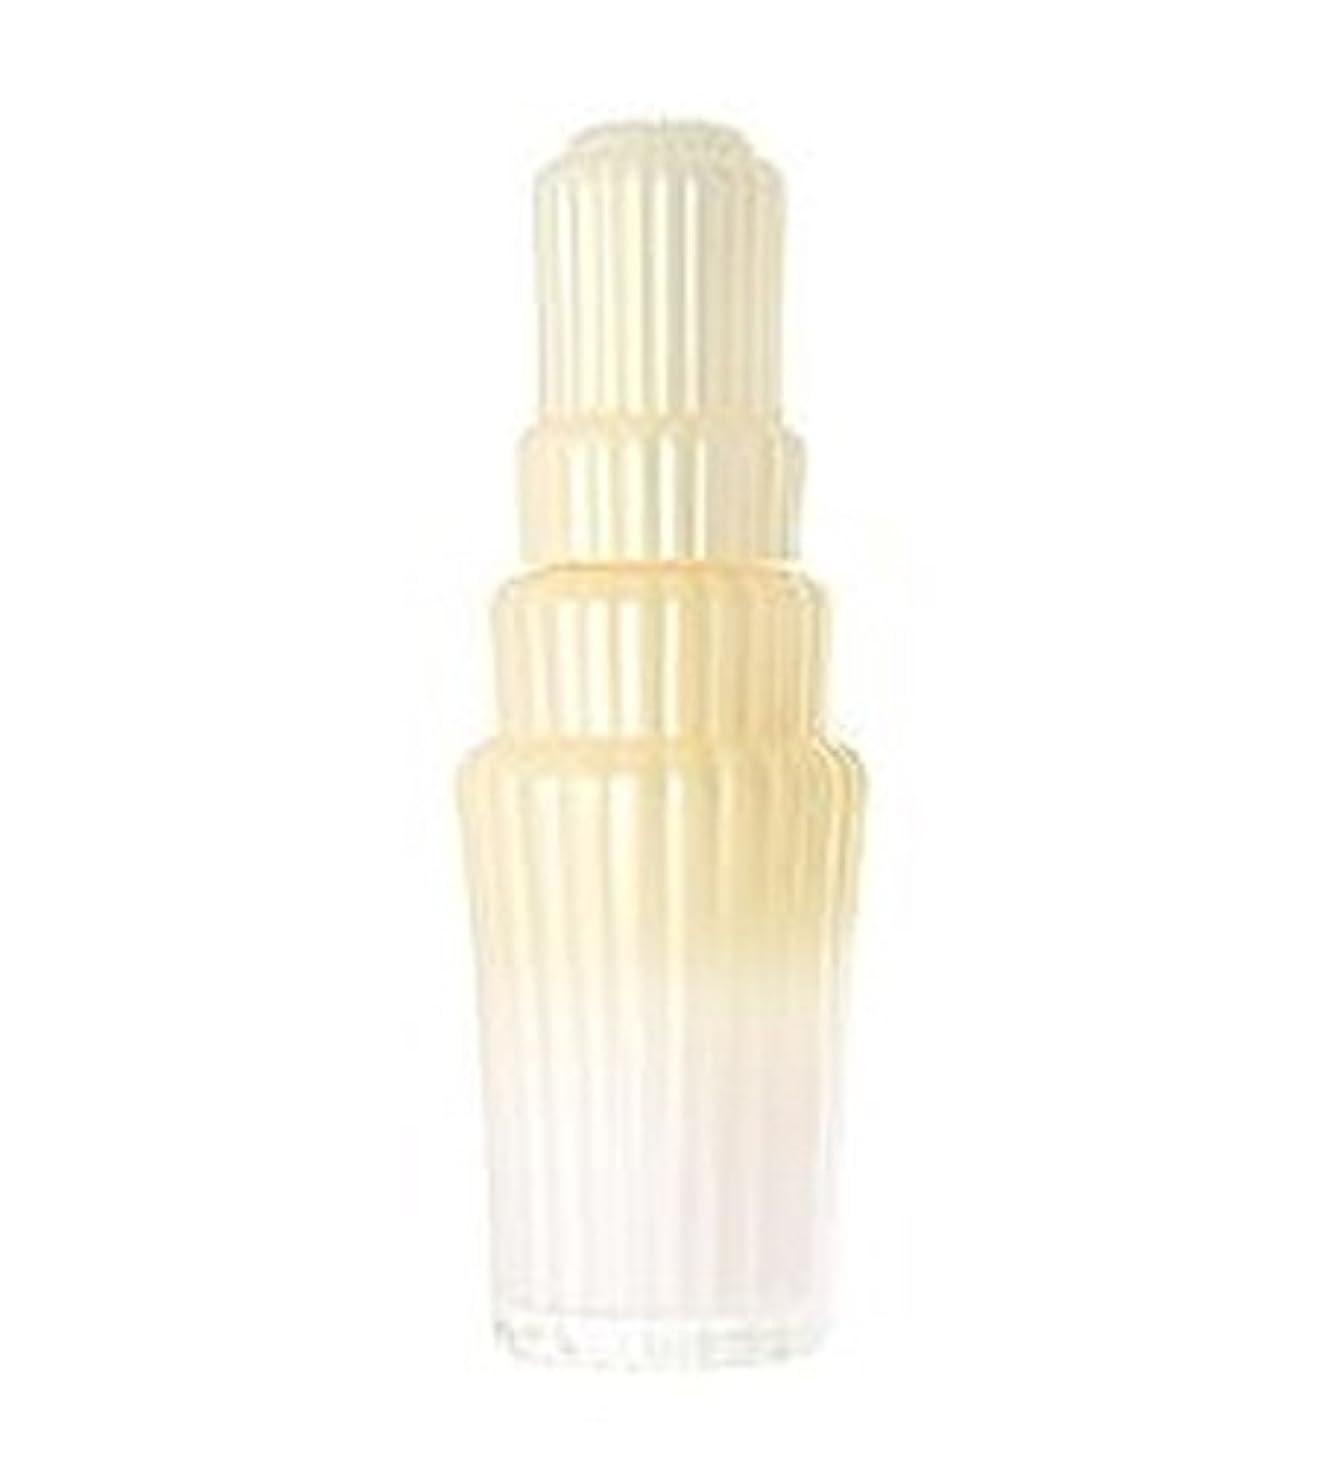 章口径打撃アユーラ (AYURA) モイスチャライジングプライマー インナードライ WA (医薬部外品) 100mL 〈美白化粧液〉 隠れ乾燥ケア うるおい はり アロマティックハーブの香り